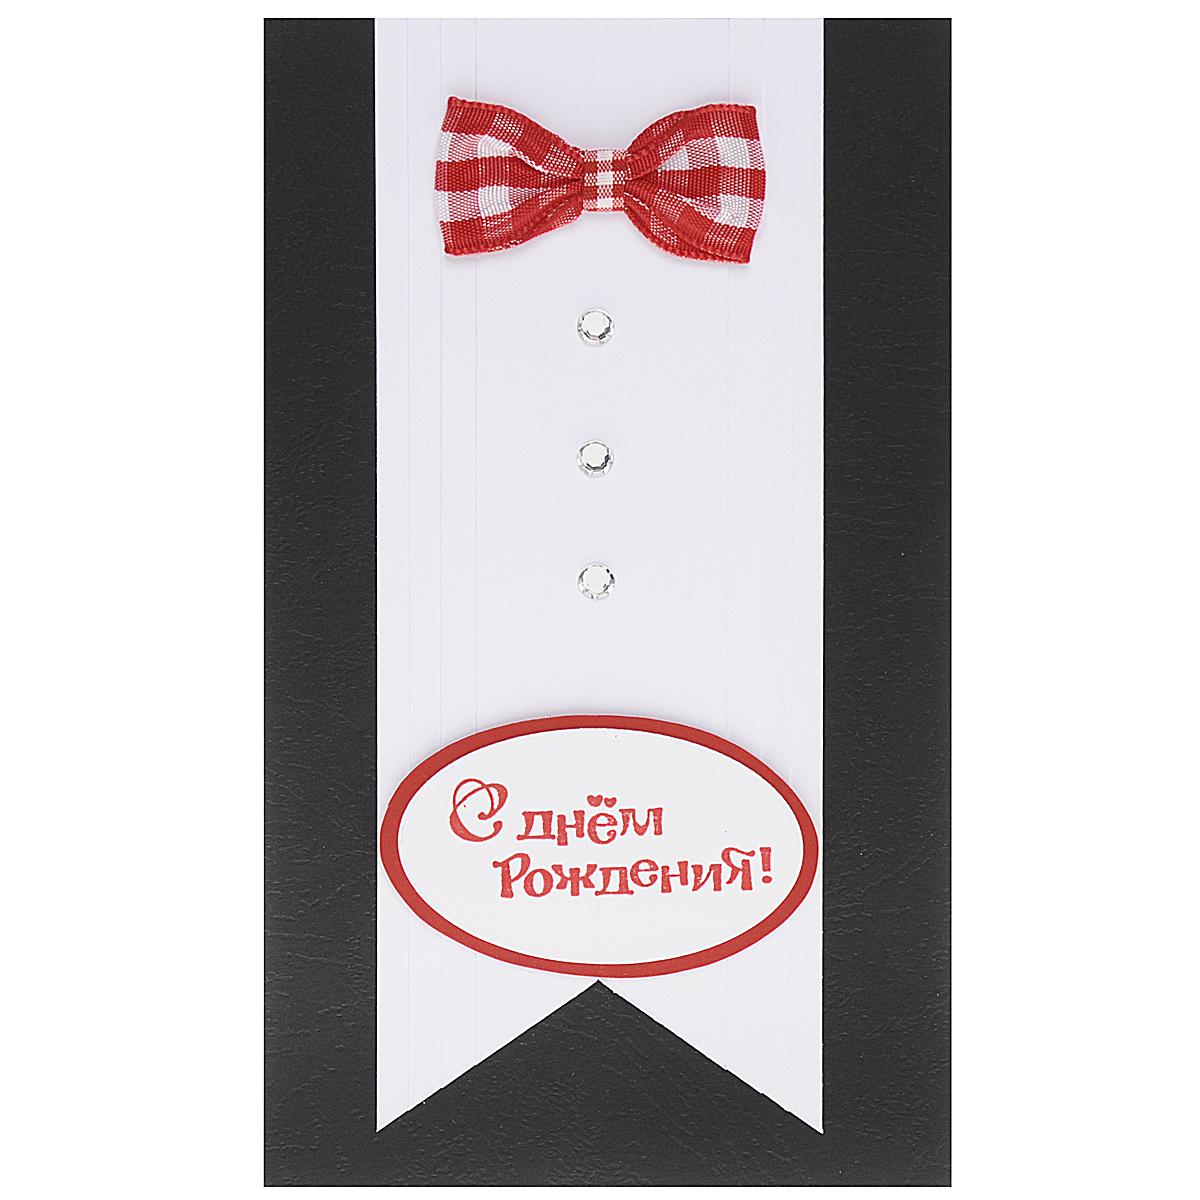 Открытка-конверт С днем Рождения. Студия Тетя Роза. ОМ-0032ОМ-0032Открытка выполнена из высокохудожественного картона, украшена аппликацией в виде банта из ткани и стразами. Может стать как прекрасным дополнением к вашему подарку, так и самостоятельным подарком, так как открытка одновременно является и конвертом, в который вы можете вложить ваш денежный подарок или подарочный сертификат, или же просто написать ваши пожелания на вкладыше.Открытки ручной работы от студии Тетя Роза отличаются своим неповторимым и ярким стилем. Каждая уникальна и выполнена вручную мастерами студии. Открытка упакована в пакетик для сохранности. Обращаем ваше внимание на то, что открытка может незначительно отличаться от представленной на фото.